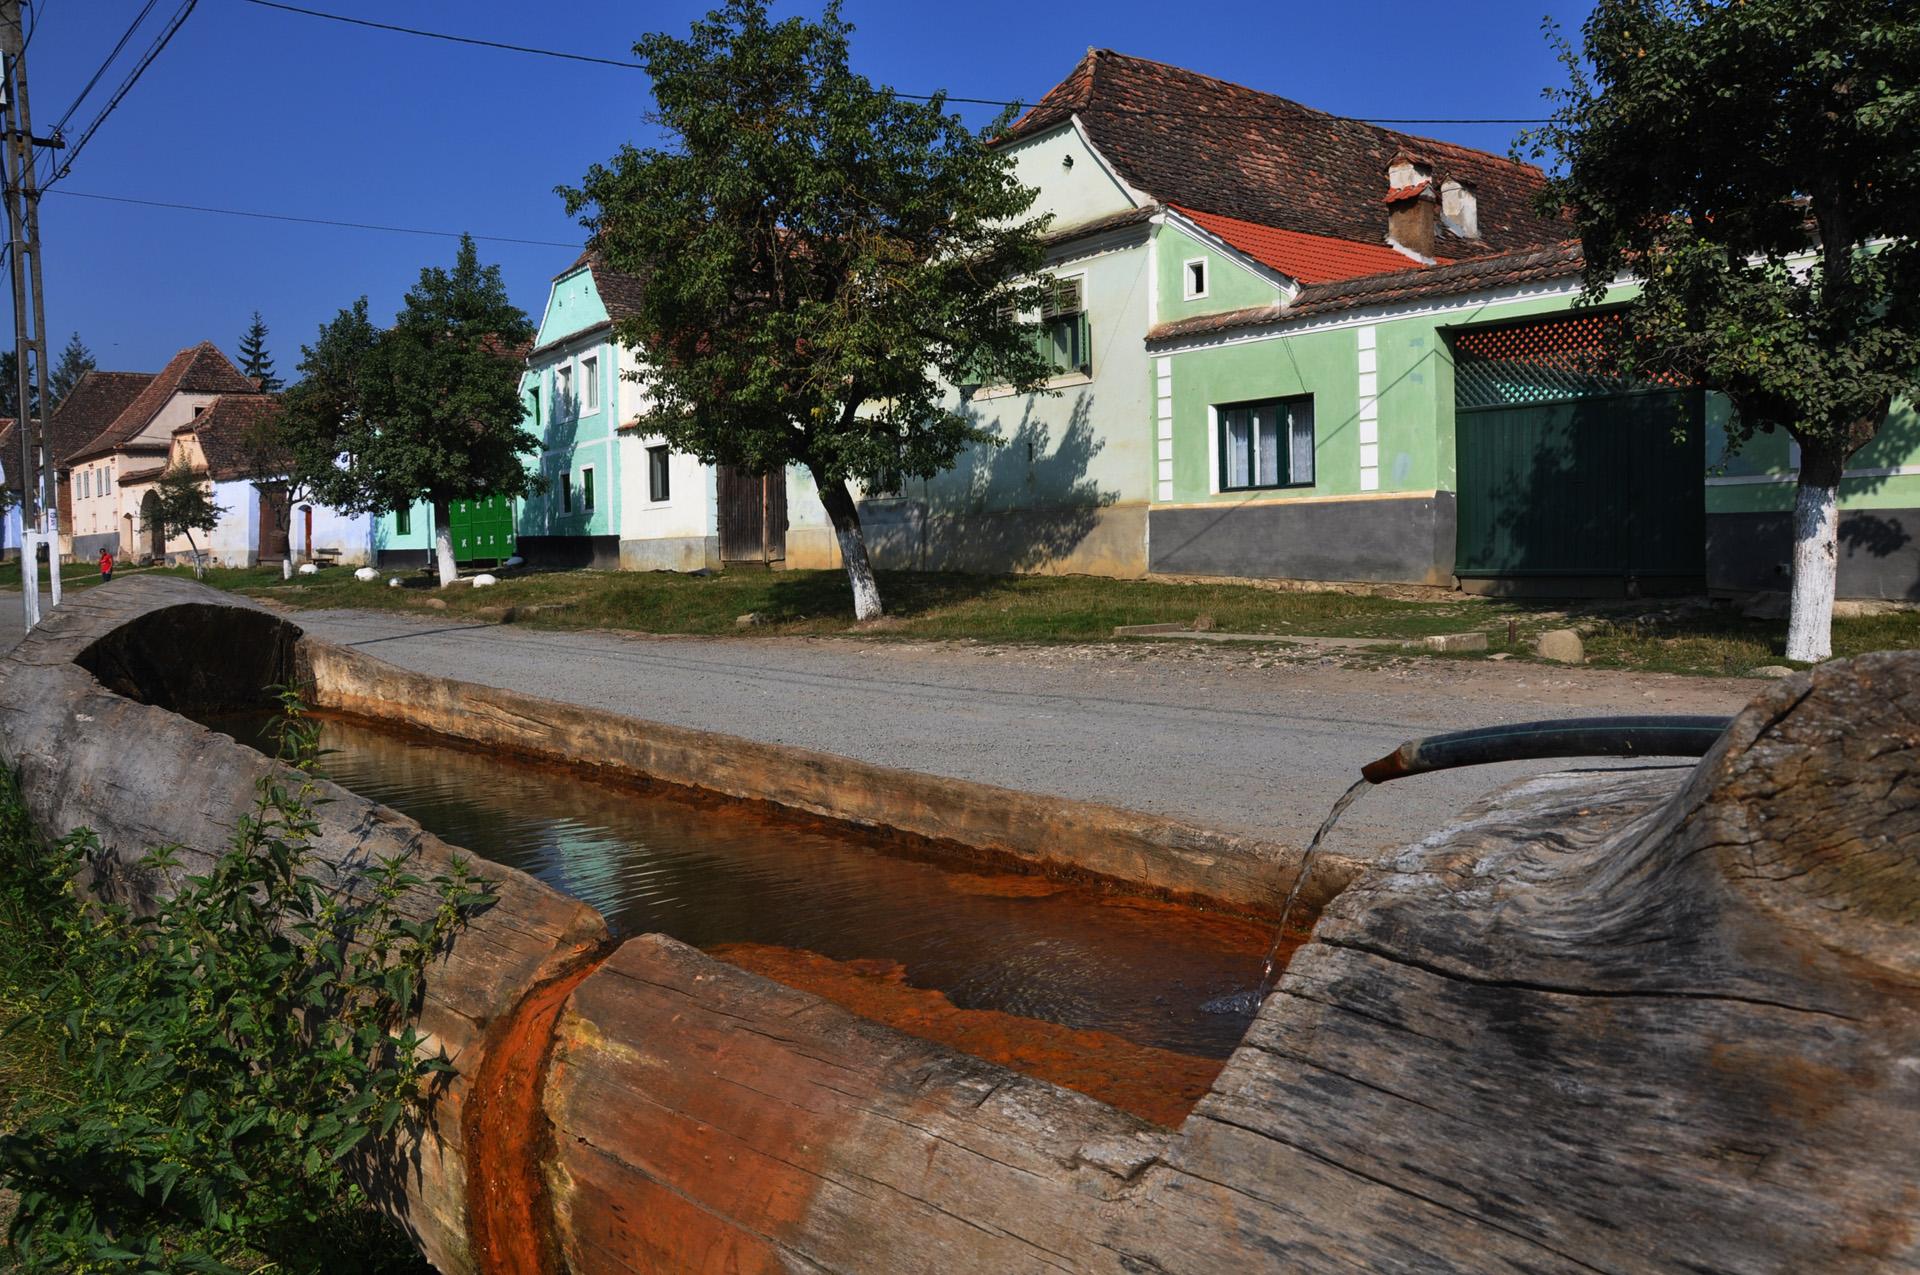 רומניה בעקבות דקרקולה - România- יואל שתרוג - אדמה יוצרת  - yoel sitruk